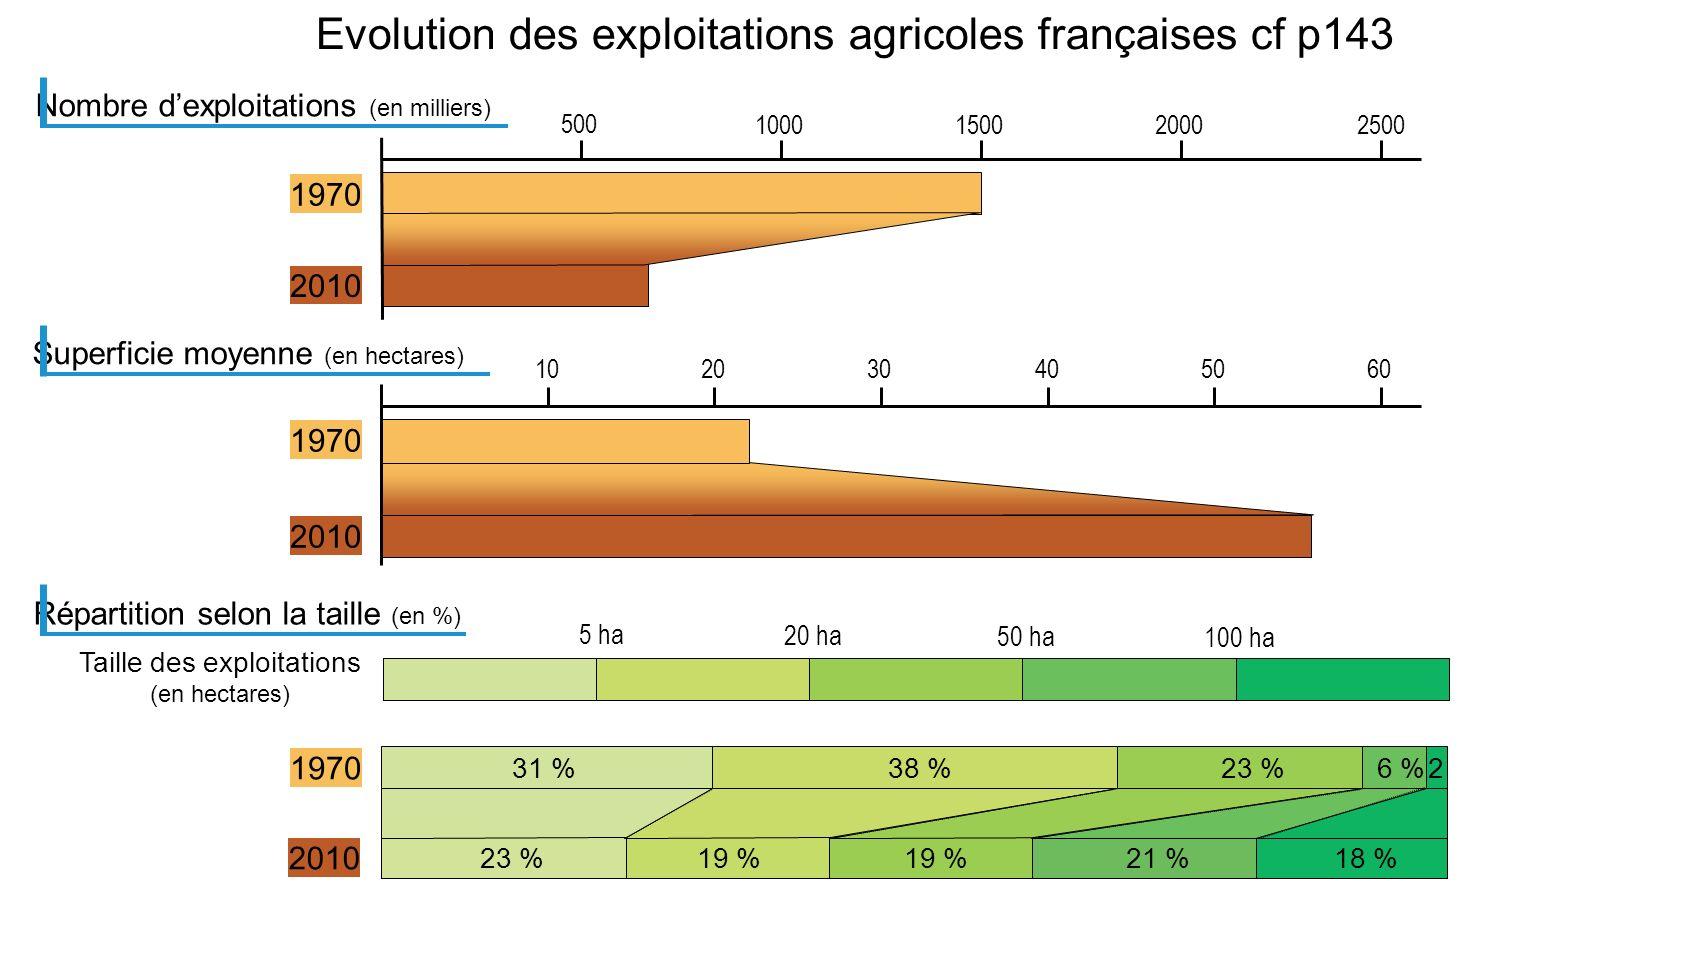 Evolution des exploitations agricoles françaises cf p143